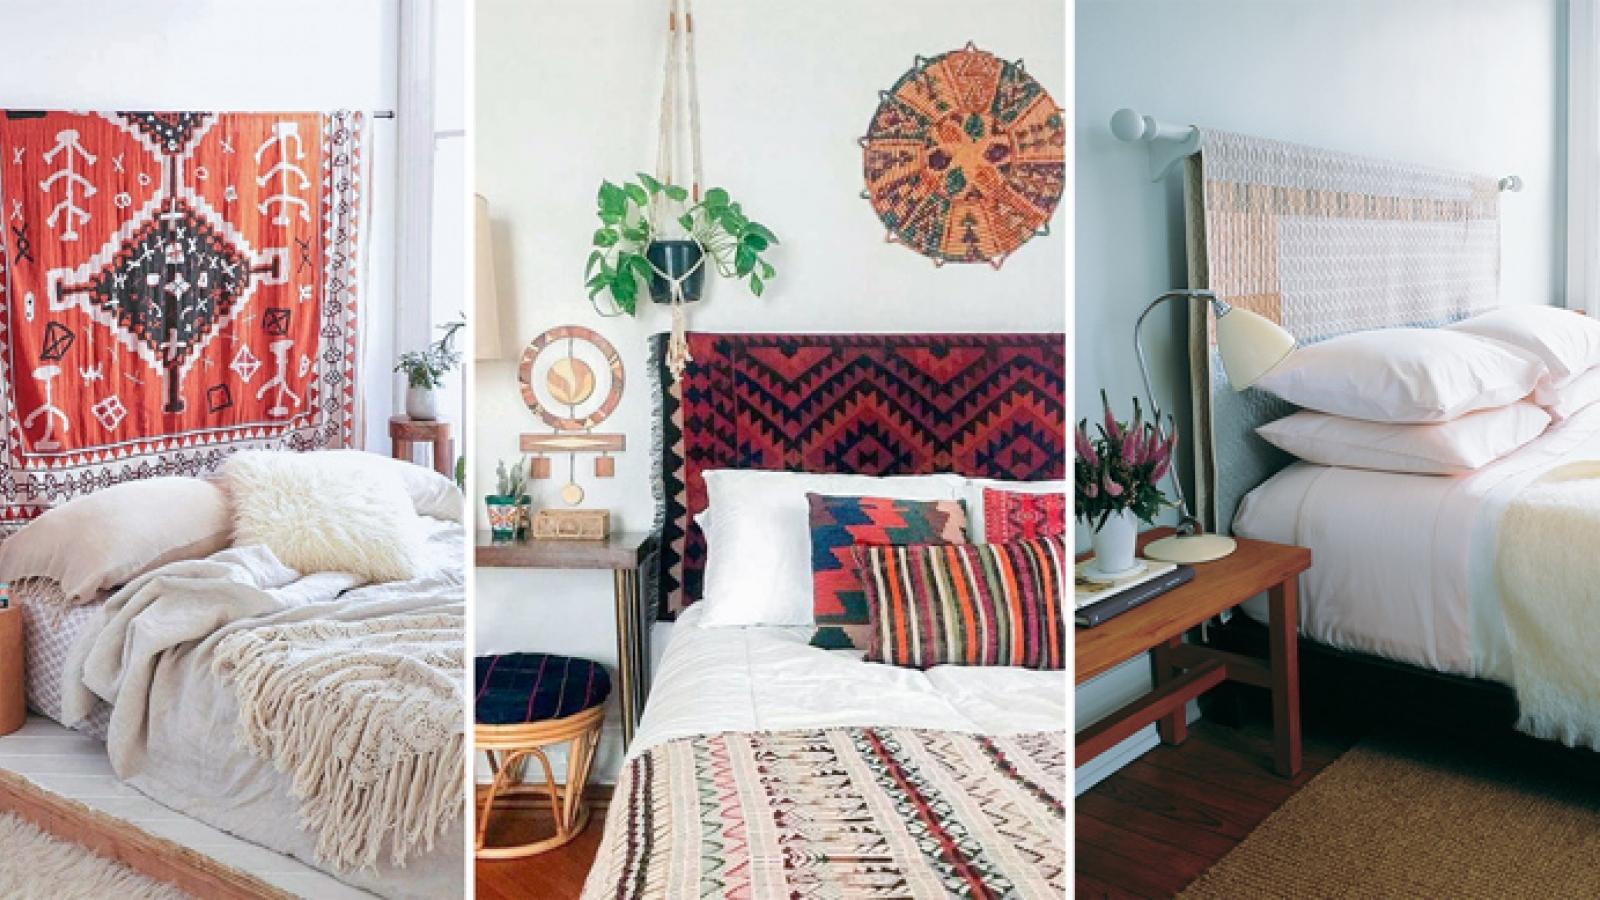 Làm thế nào để biến đầu giường thành điểm nhấn đẹp trong phòng ngủ?